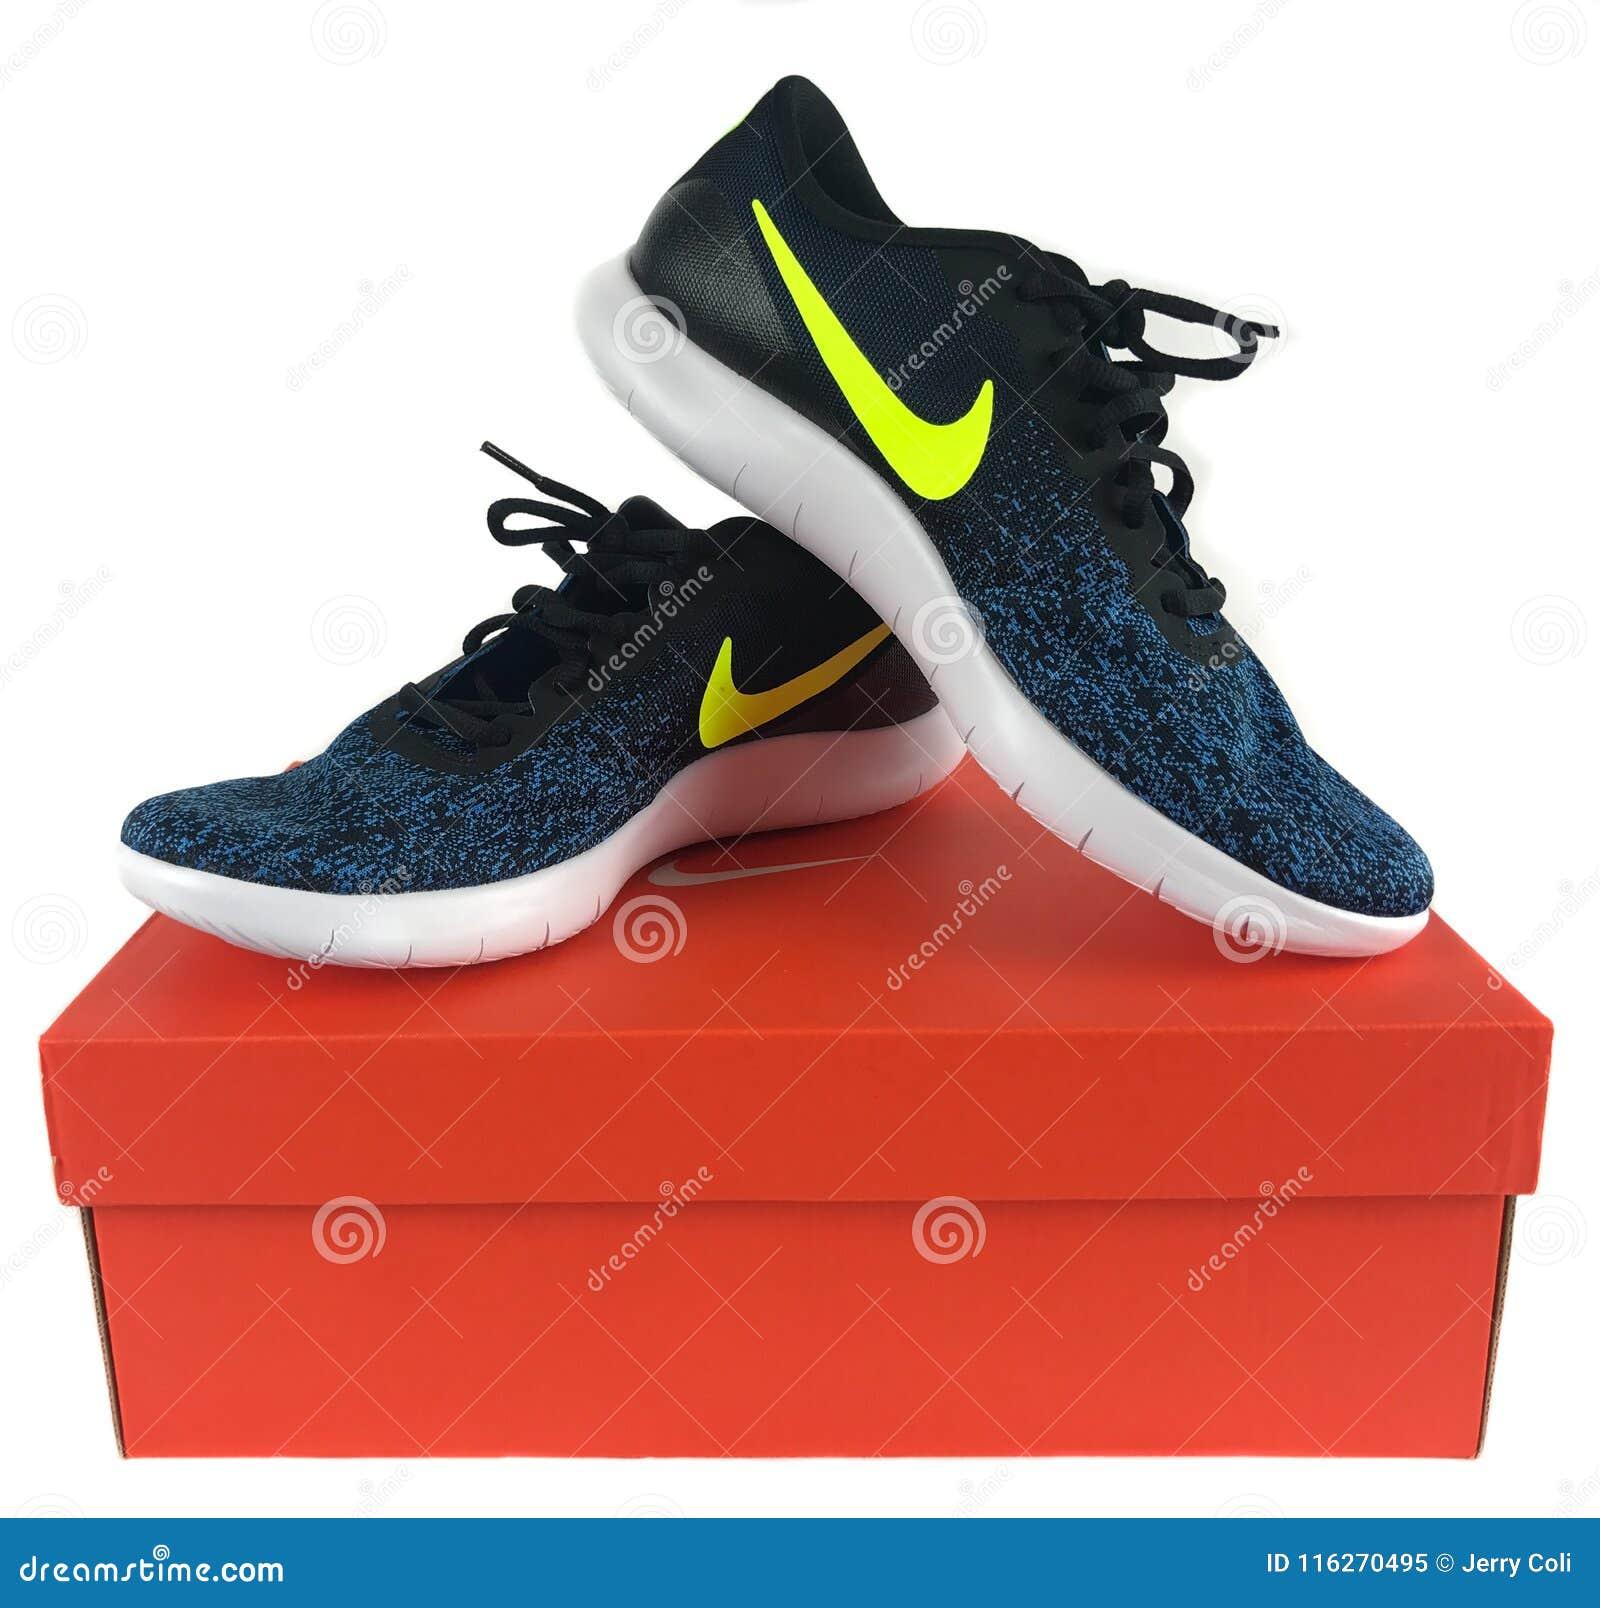 3085804ef9c nike-sneakers-voor-verkoop-bij-een-schoenopslag-116270495.jpg